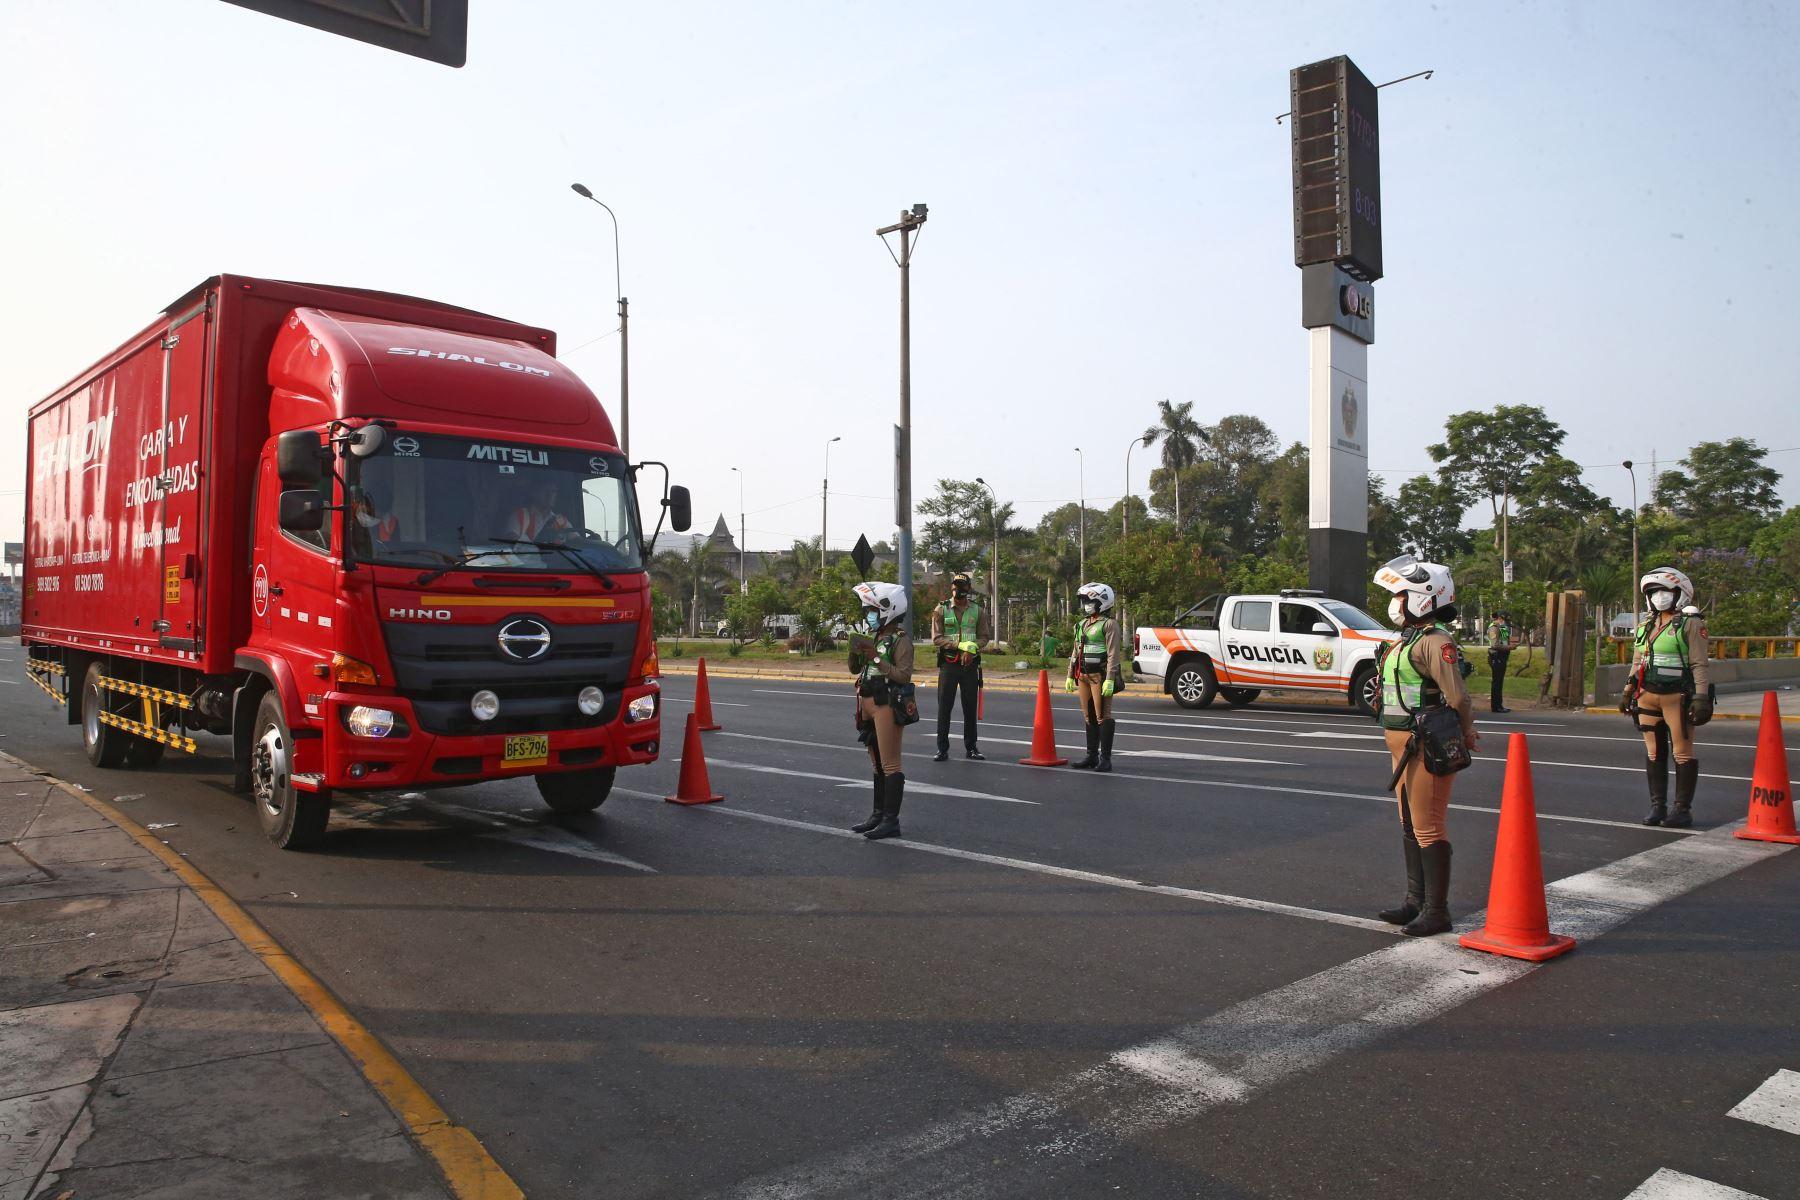 Policía Nacional realiza operativo en Plaza Grau debido a la  prohibición de circulación de vehículos particulares en Lima Metropolitana y el Callao, según disposición del Gobierno que buscan reducir los índices de contagios de la covid-19. Foto: ANDINA/Vidal Tarqui